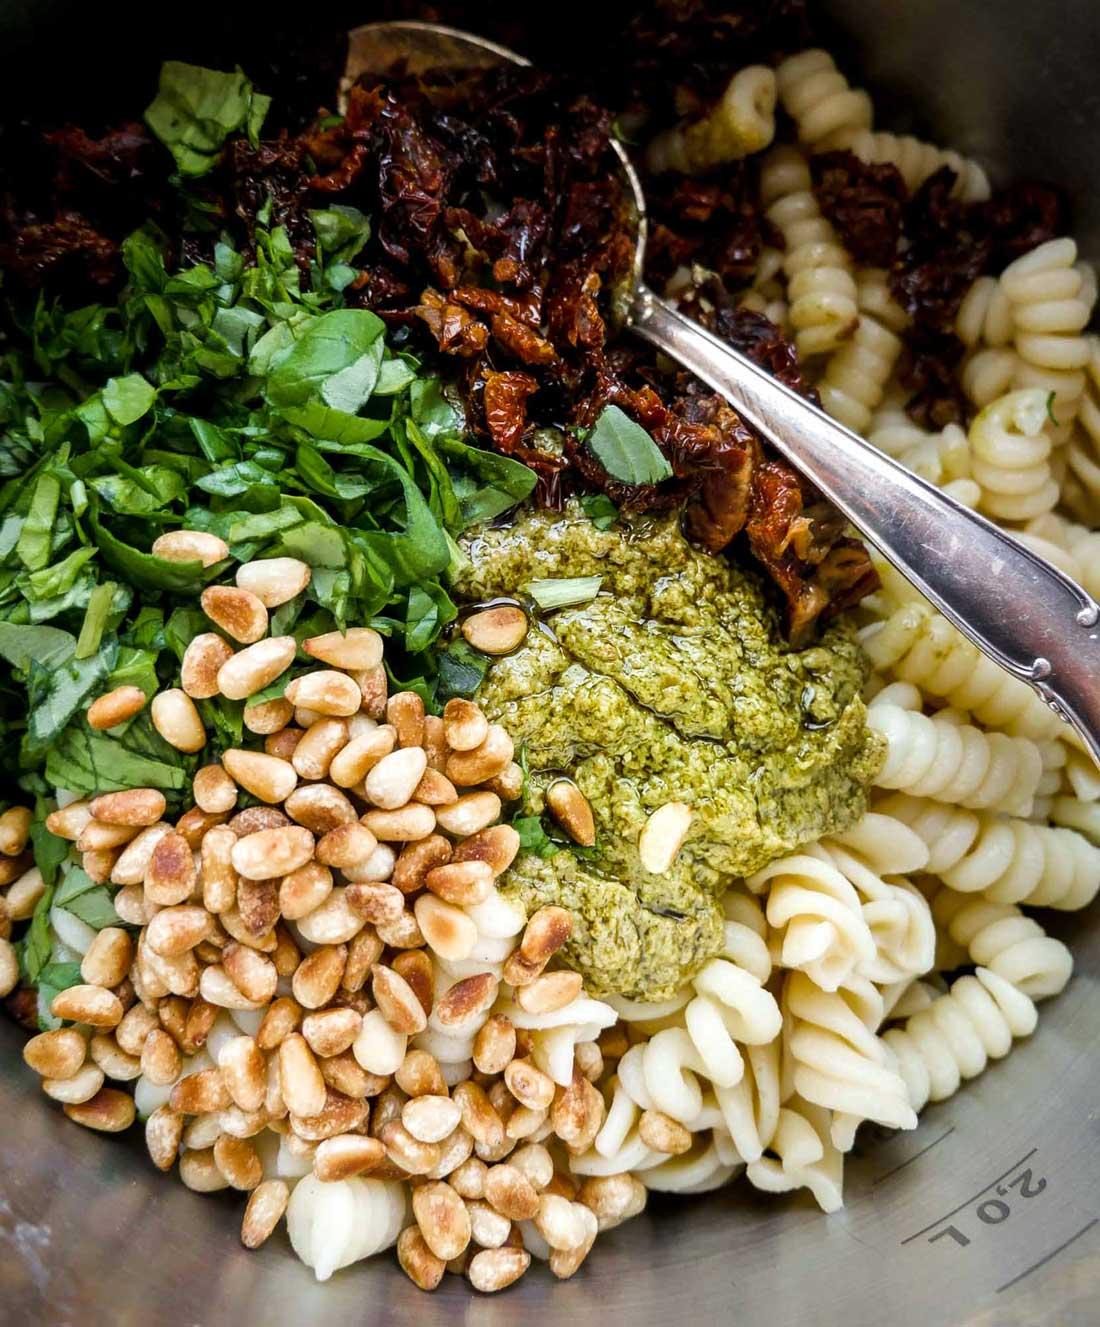 pastasalat med pinjekerner, soltørrede tomater og grøn pesto